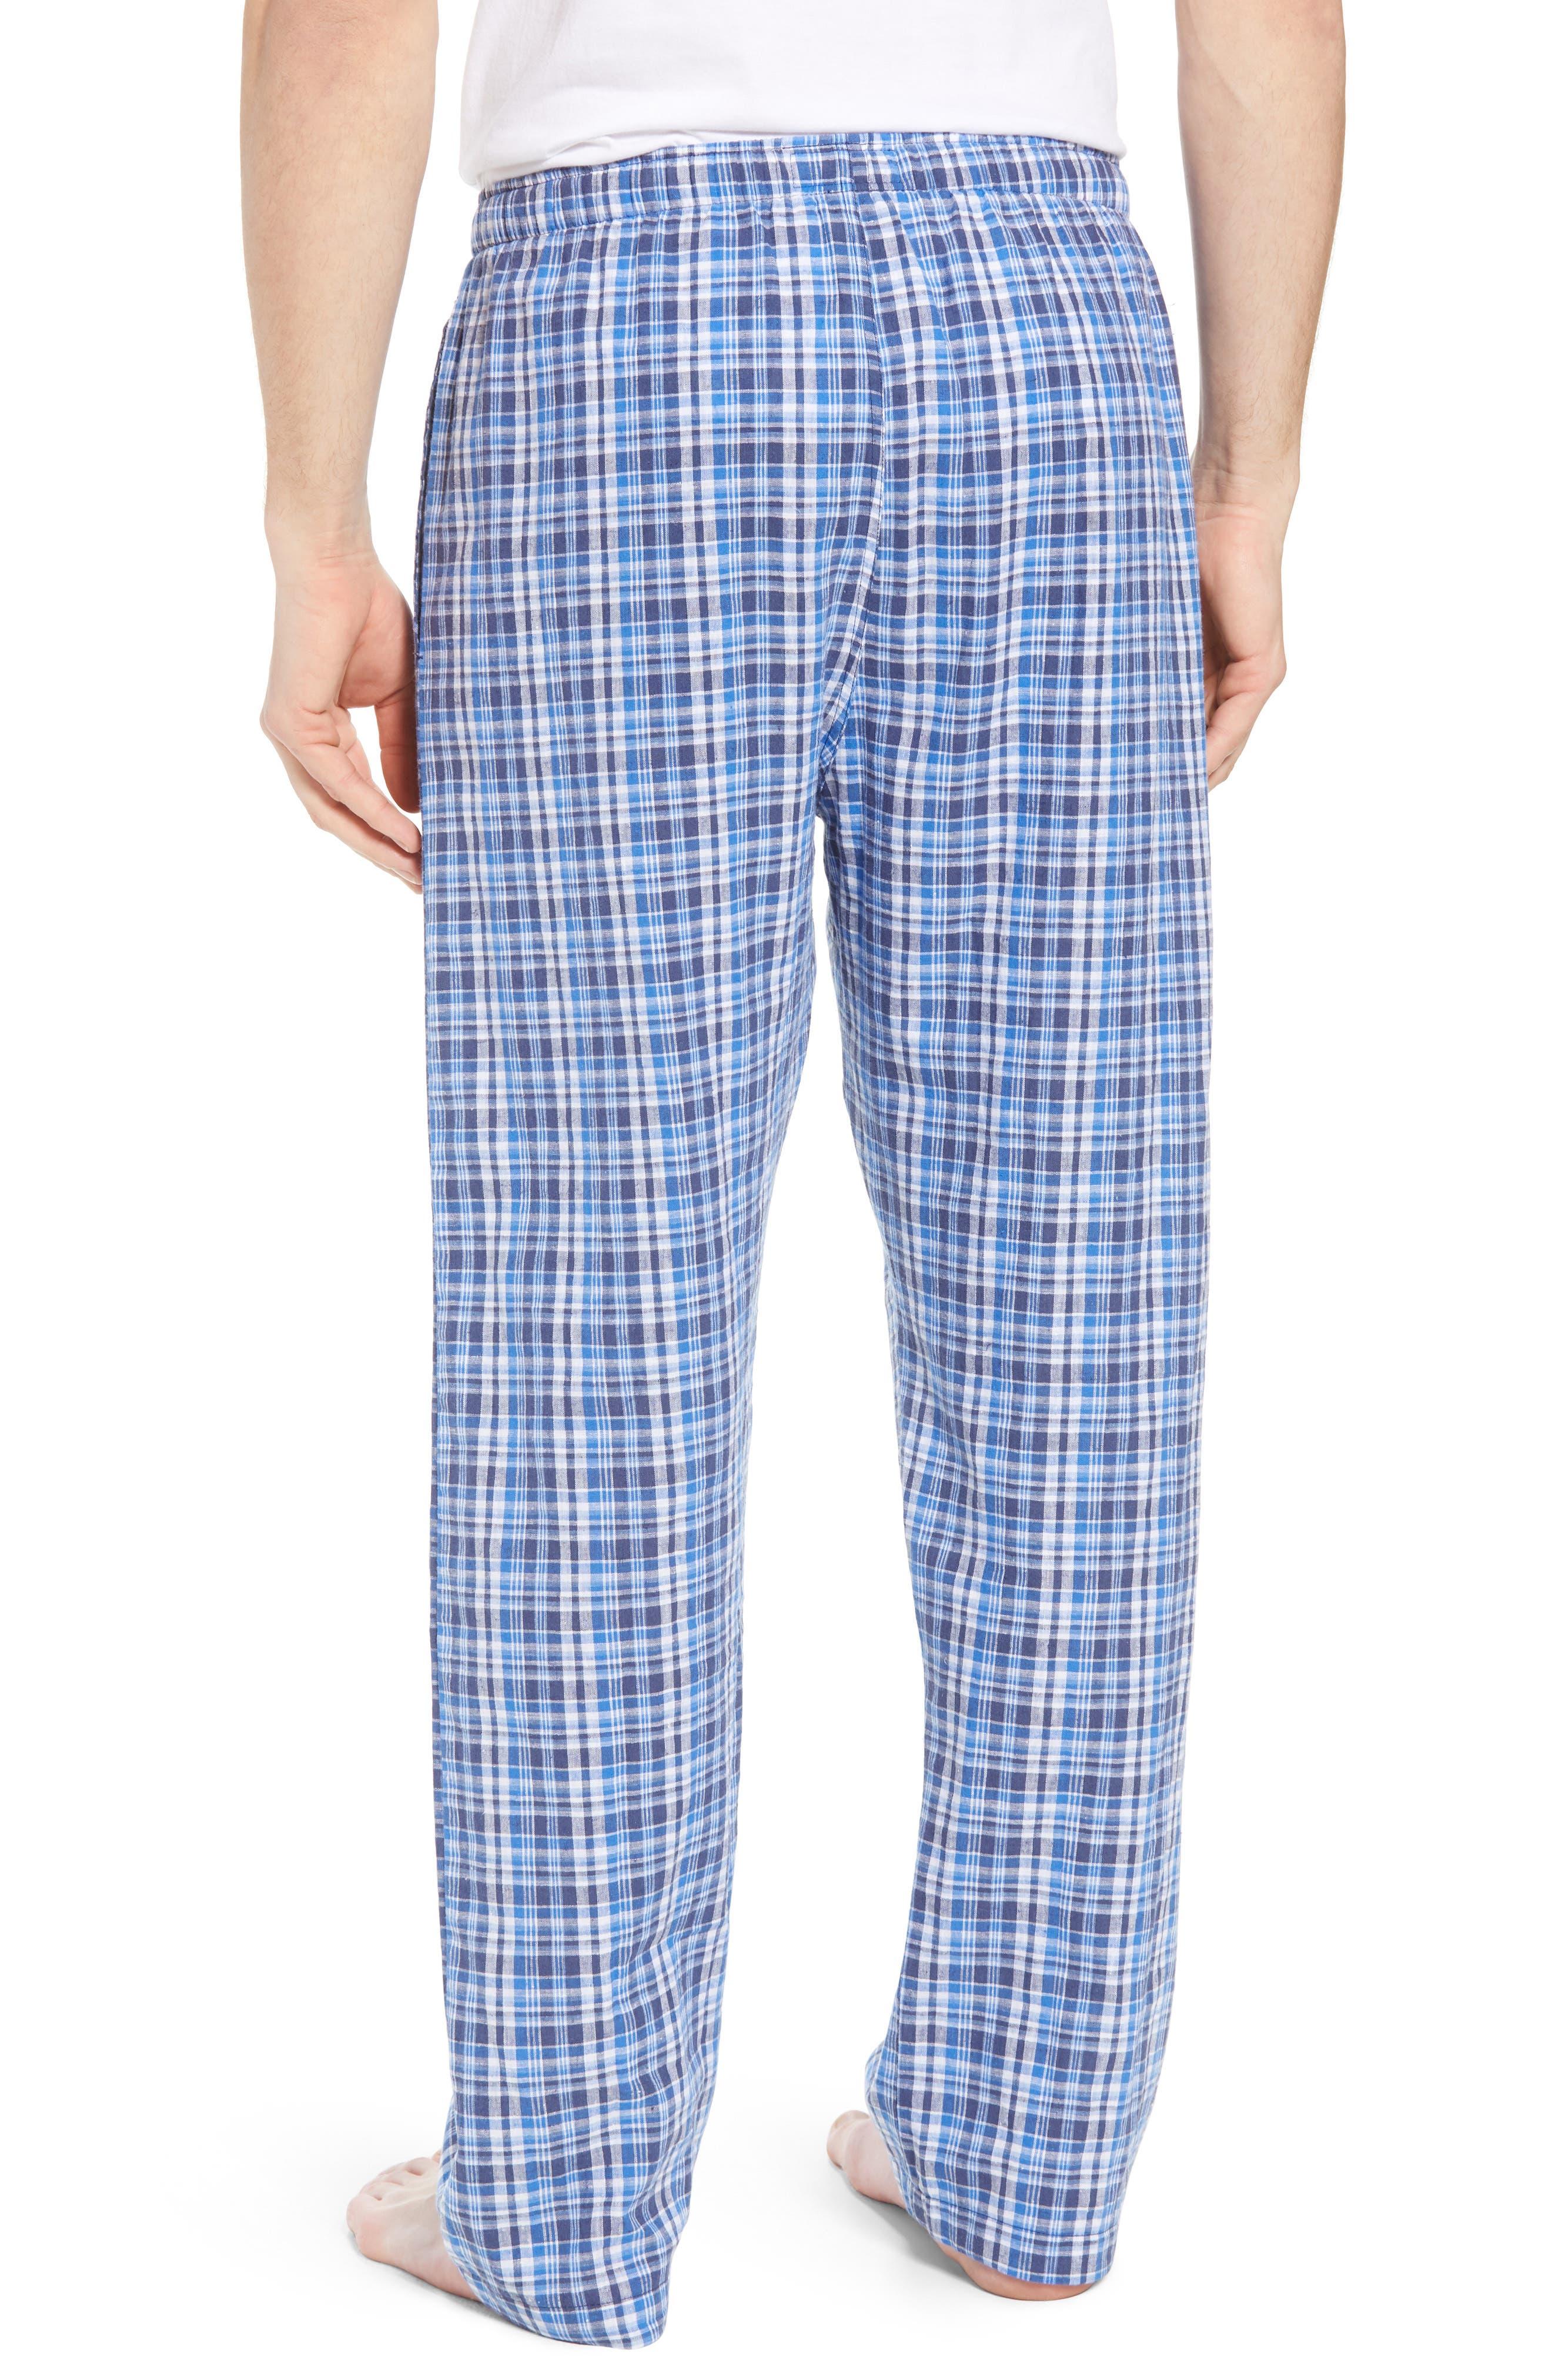 Walker Plaid Cotton & Linen Pajama Pants,                             Alternate thumbnail 2, color,                             WALKER PLAID/ CRUISE NAVY